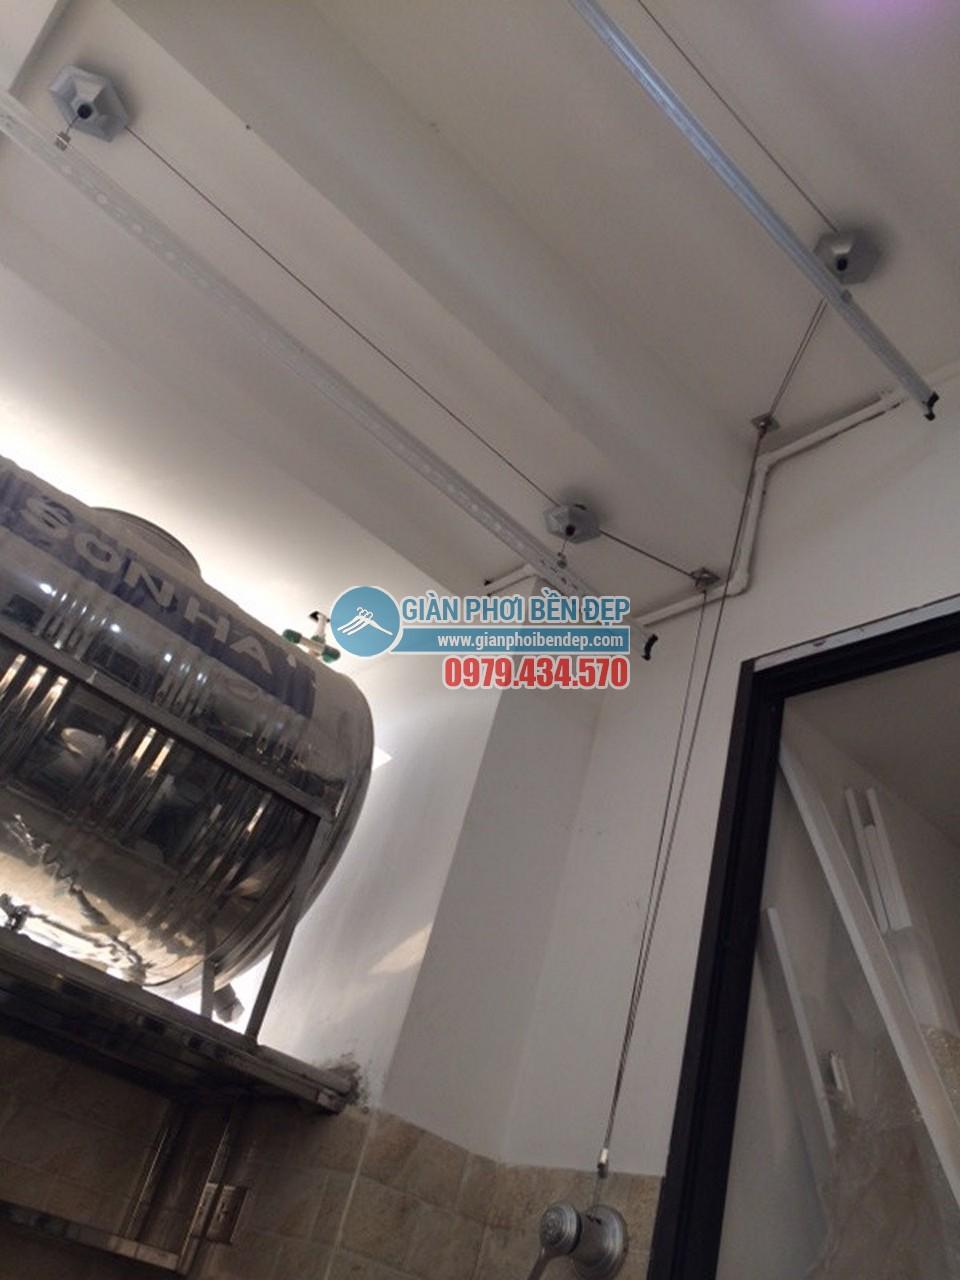 Lắp đặt giàn phơi thông minh tại khu trần giật cấp nhà chị Linh, Tòa HH4 Linh Đàm - 04